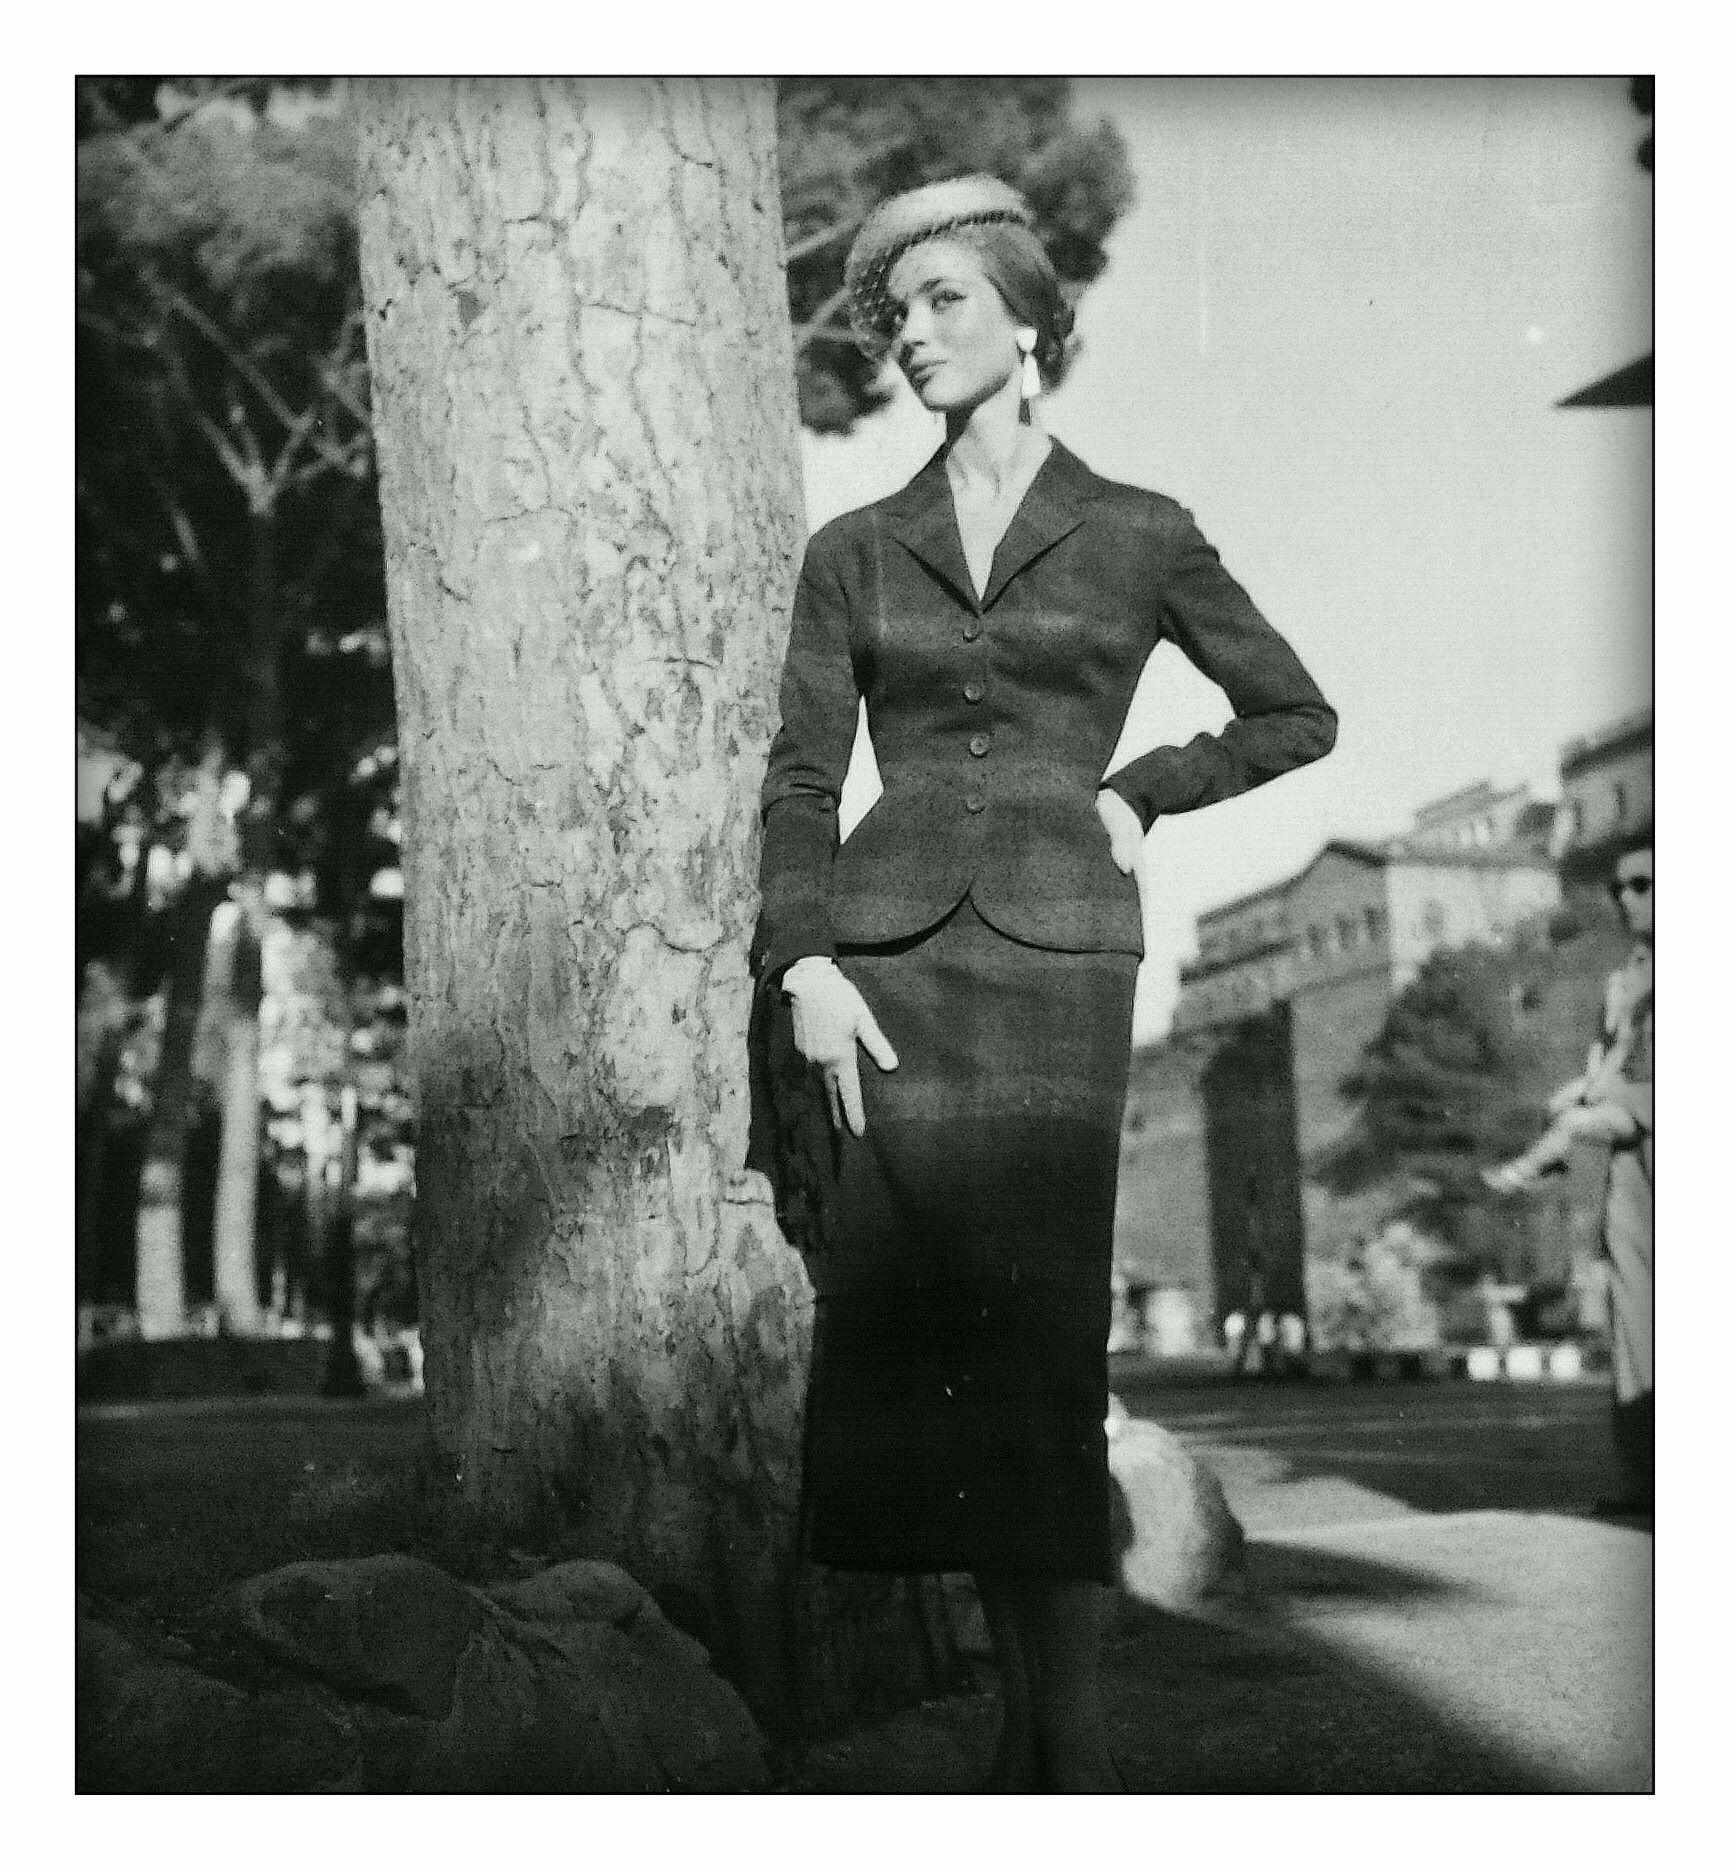 Ferdinandi Haute Couture - model: Elsa Martinelli - Rome 1950 - photograph by: Federico Garolla